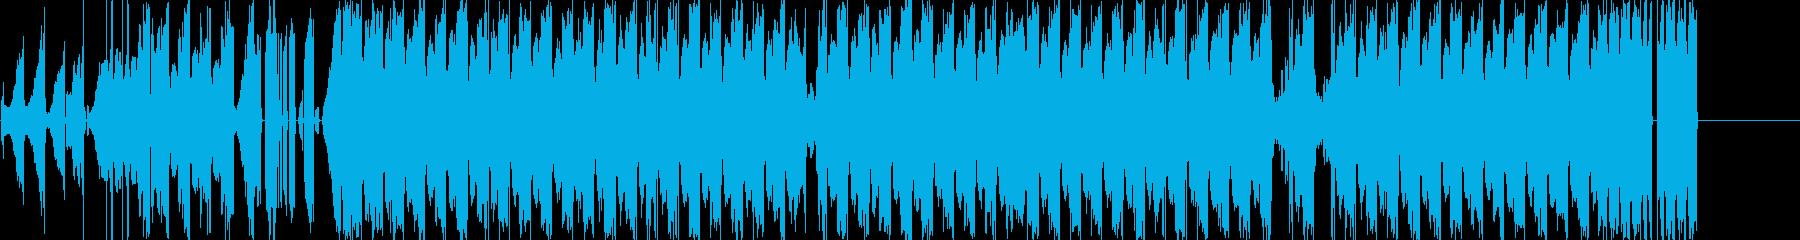 グリッチの効いたハウス系サウンドの再生済みの波形